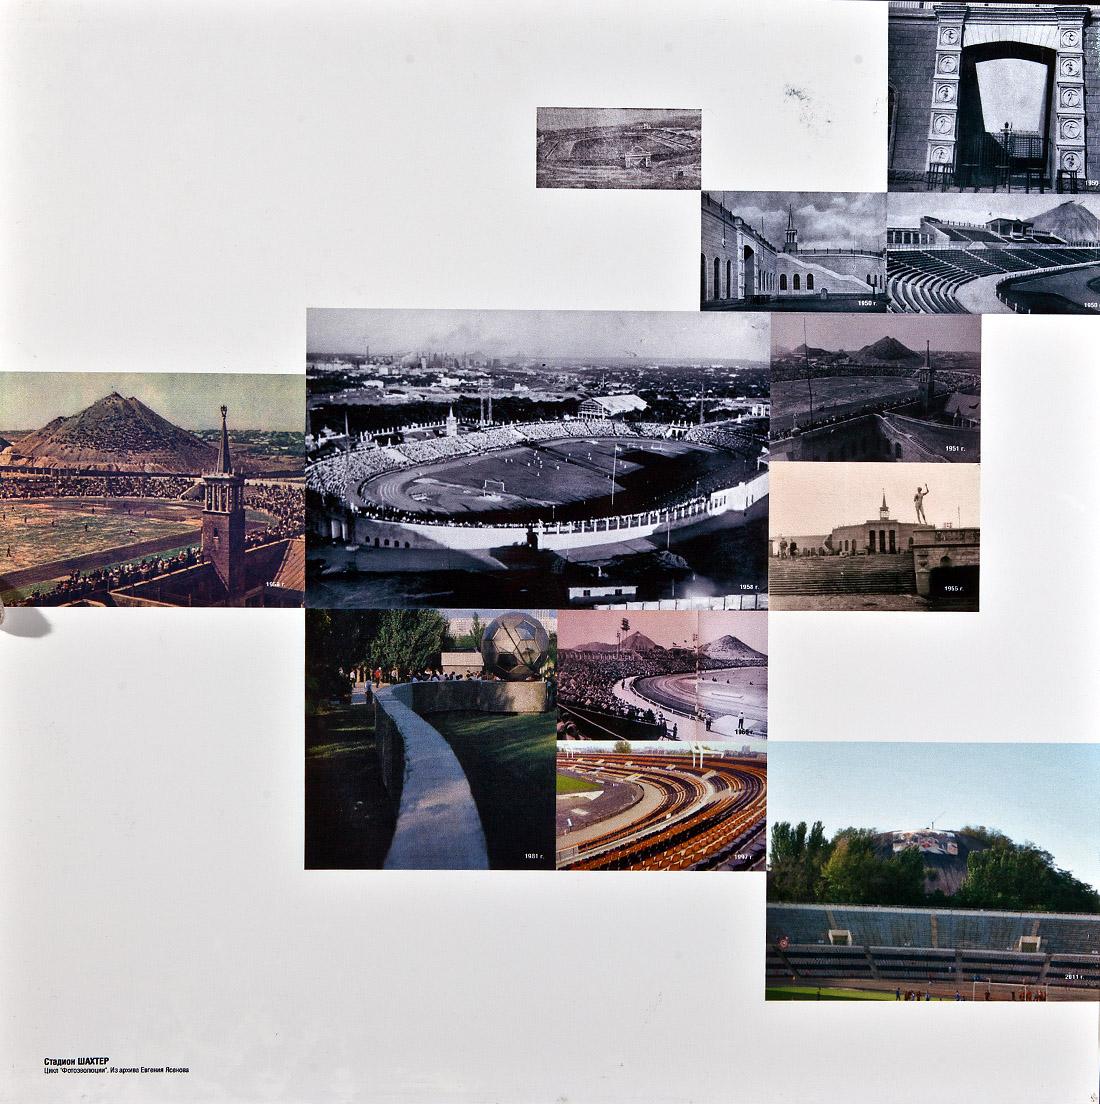 8 photographs with views of Donetsk - Yasenov, Evgeniy (Archive)